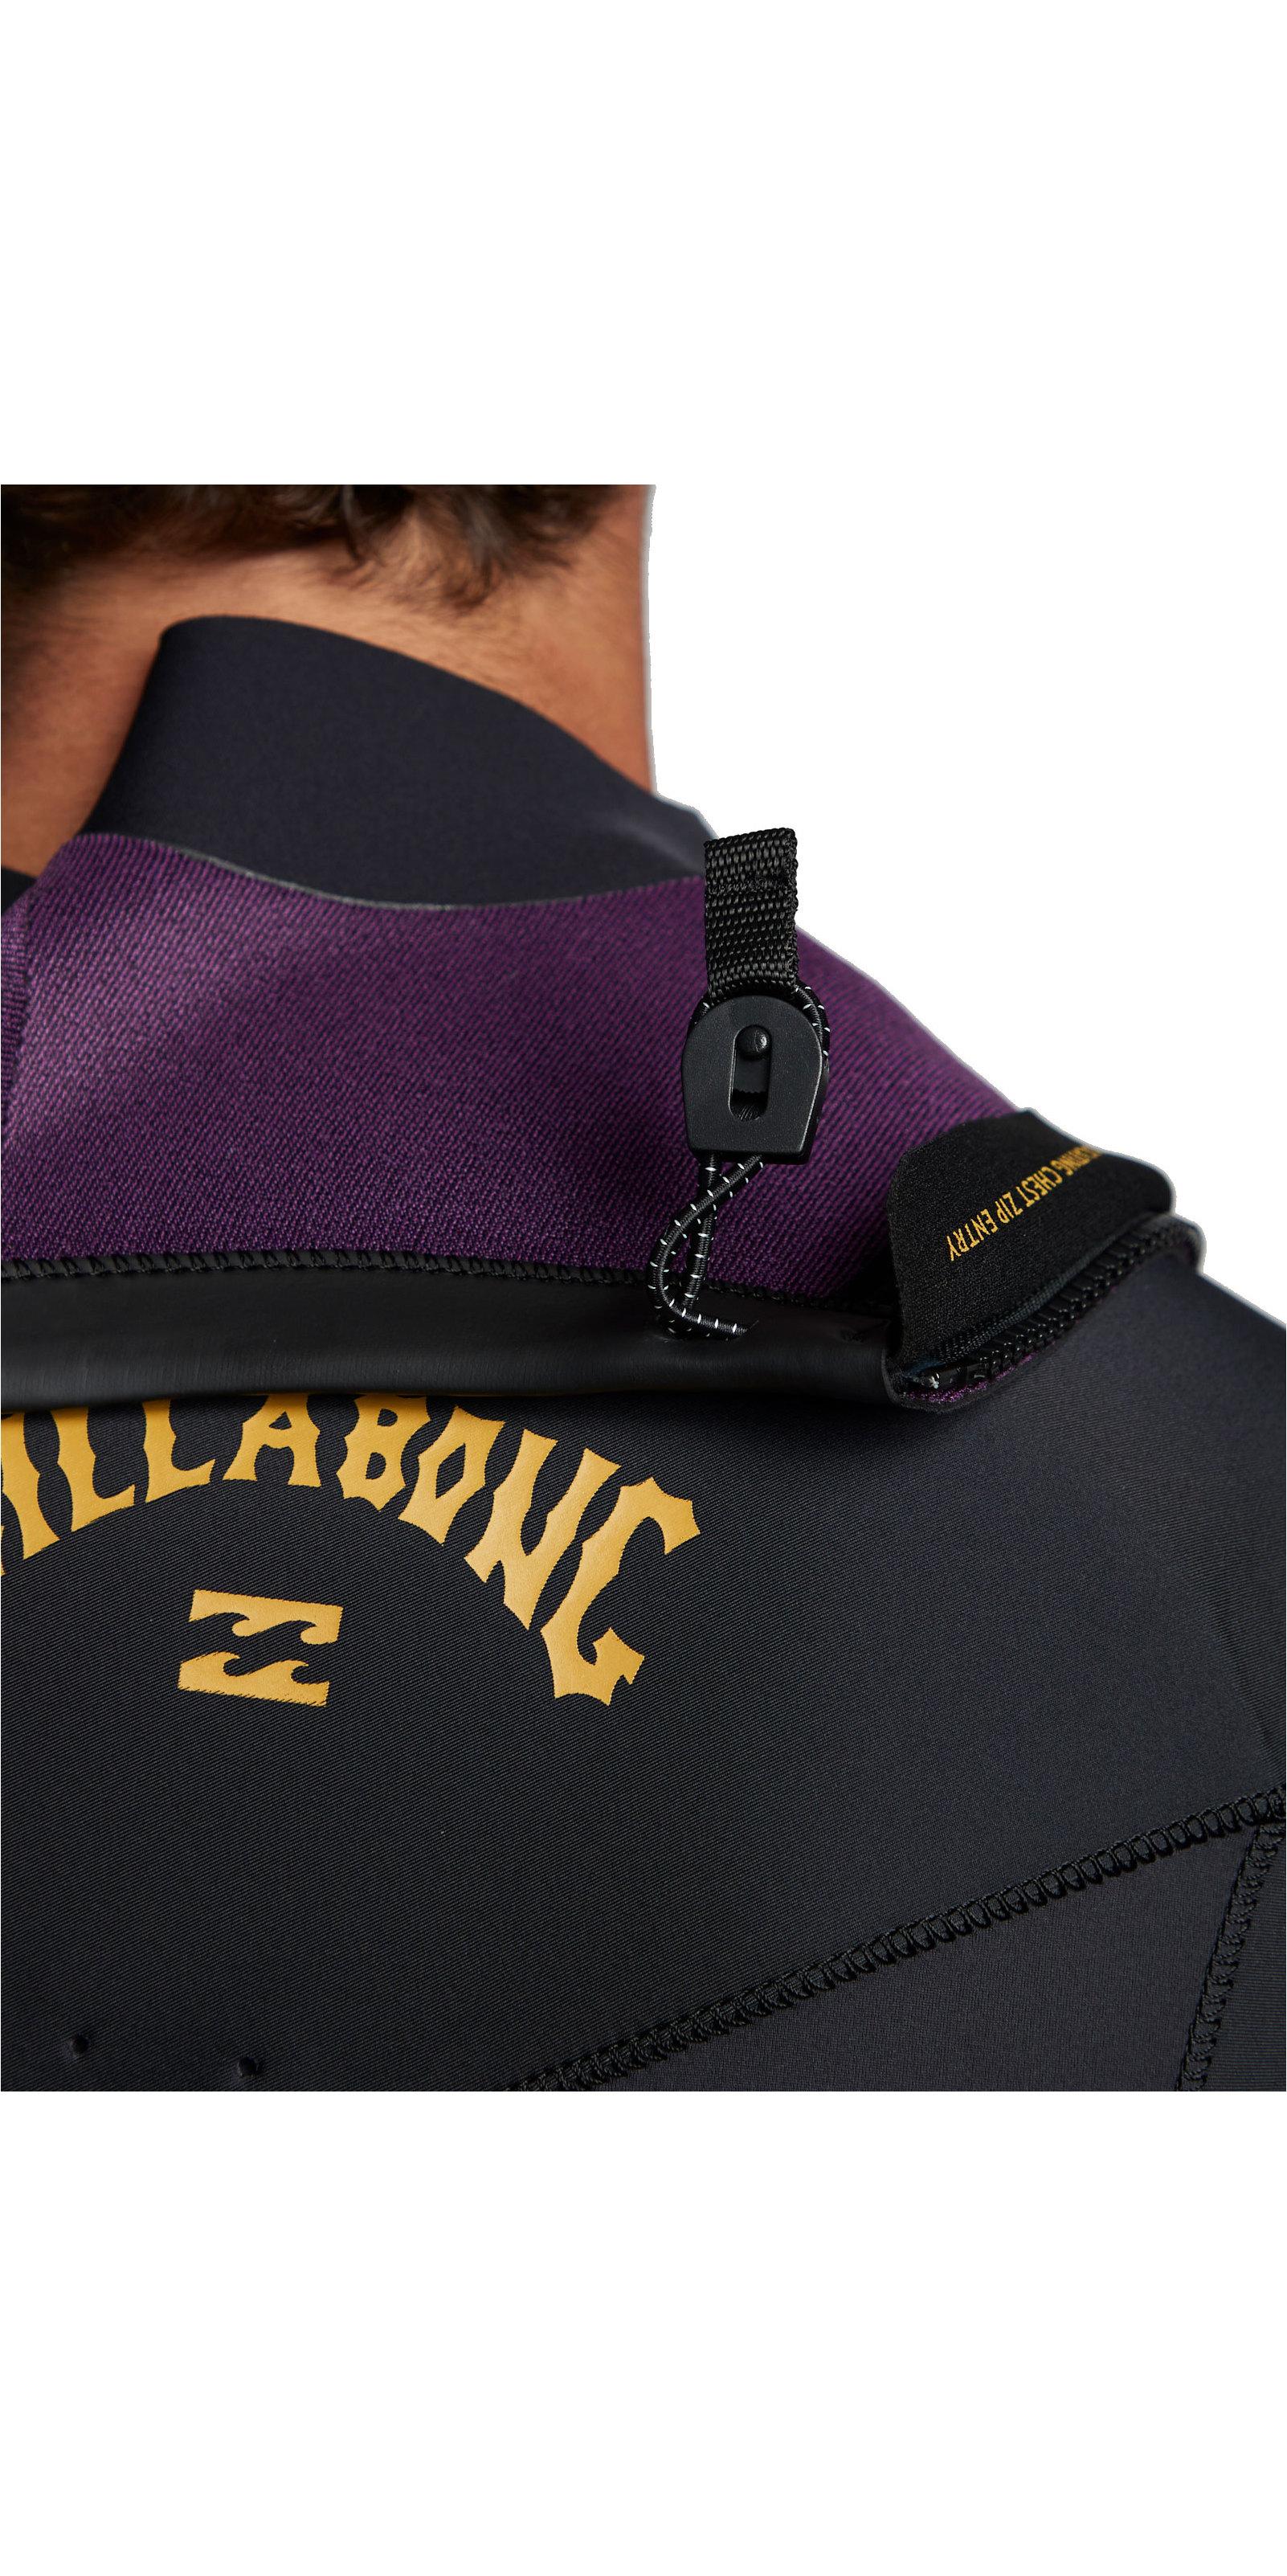 2020 Billabong Heren Absolute 2mm Flatlock Shorty Wetsuit Met Chest Zip S42M70 - Antiek Zwart